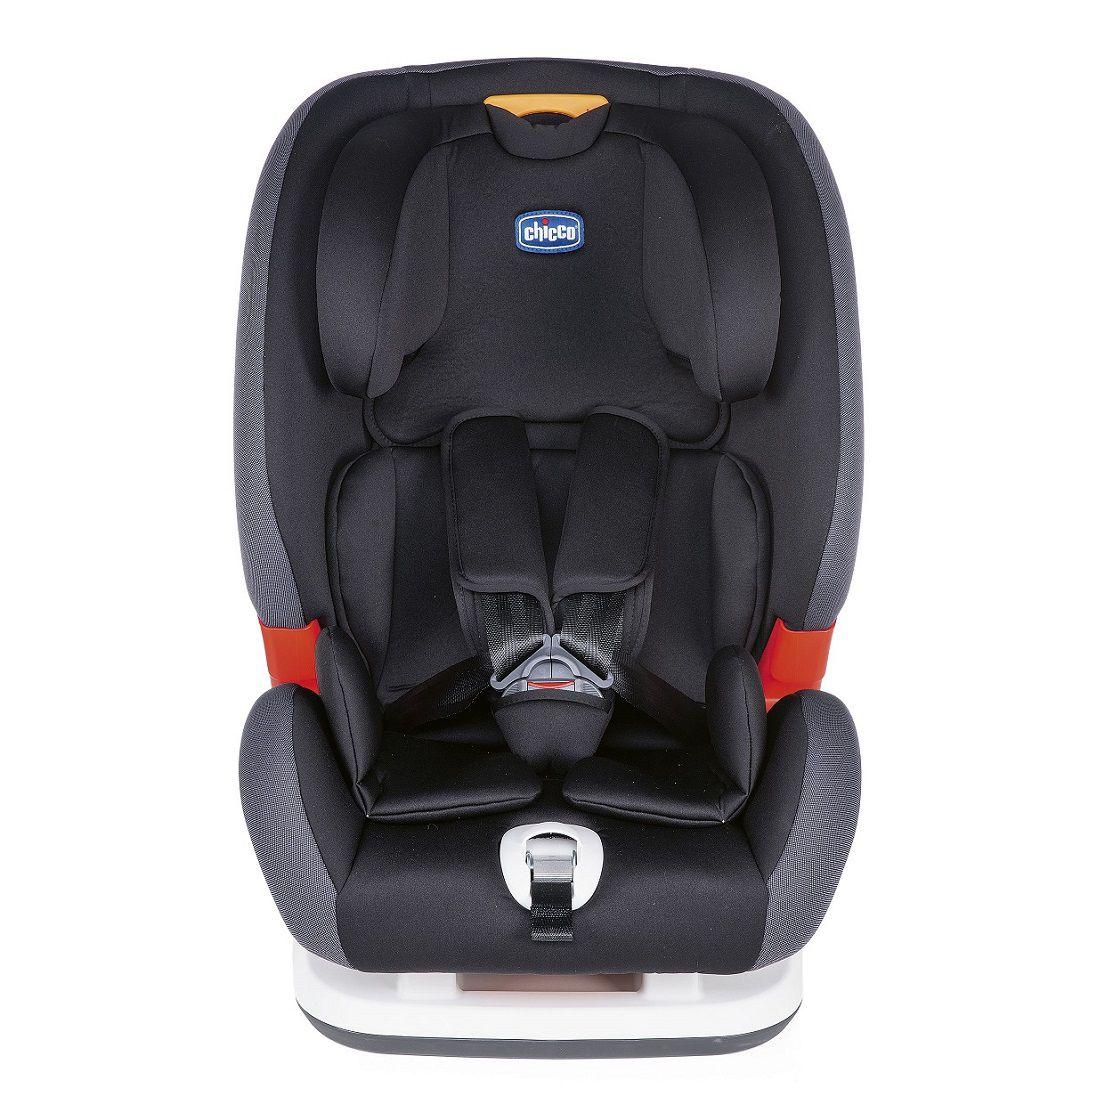 Cadeira Auto Youniverse 9 a 36kg Jet Black (Preto) - Chicco